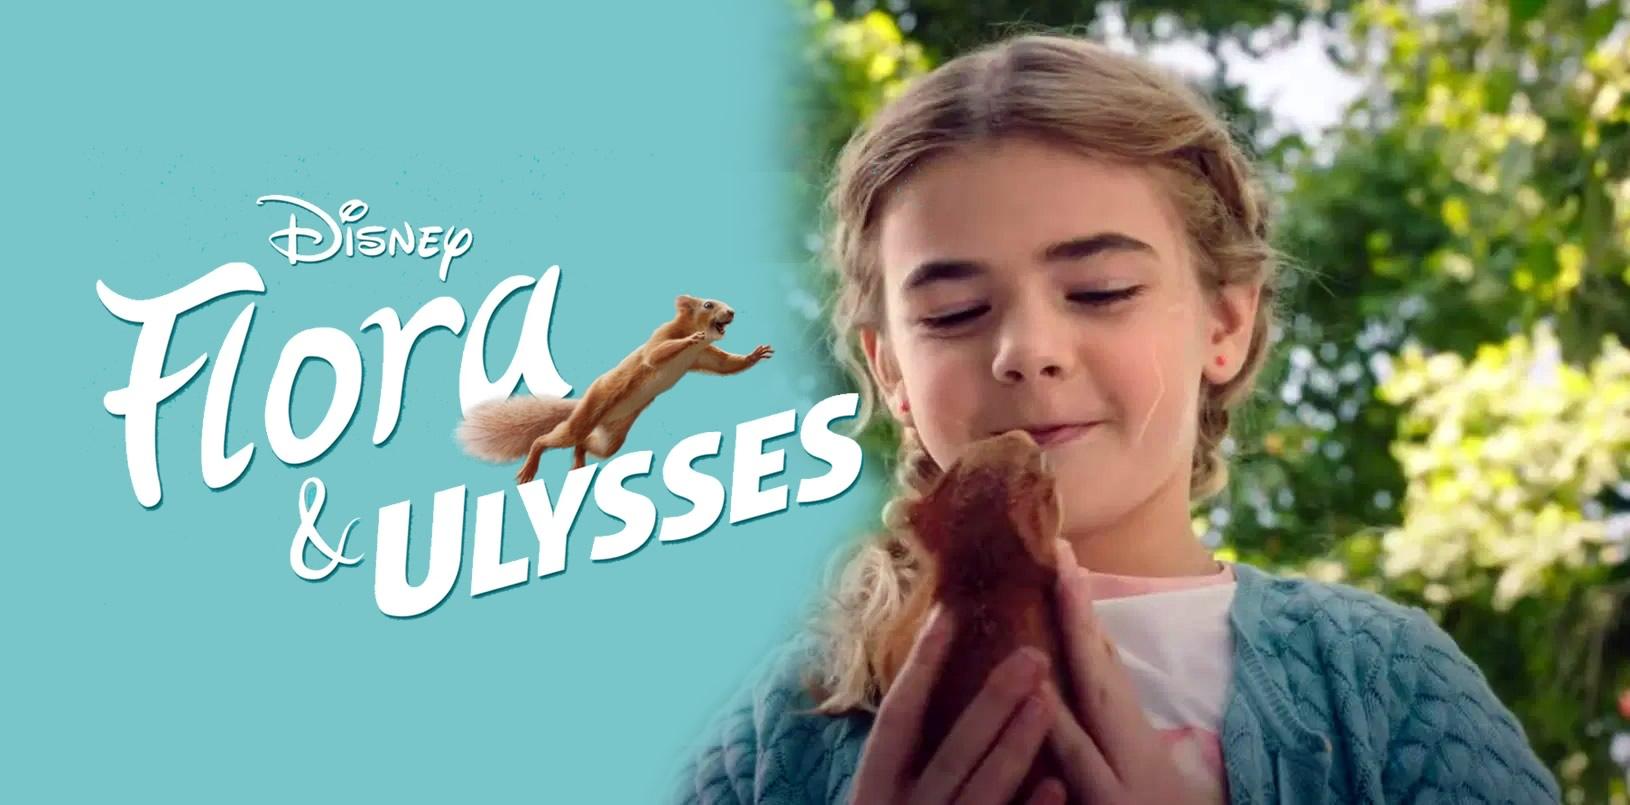 Flora e Ulisses | Filme de aventura da Disney com um esquilo super herói